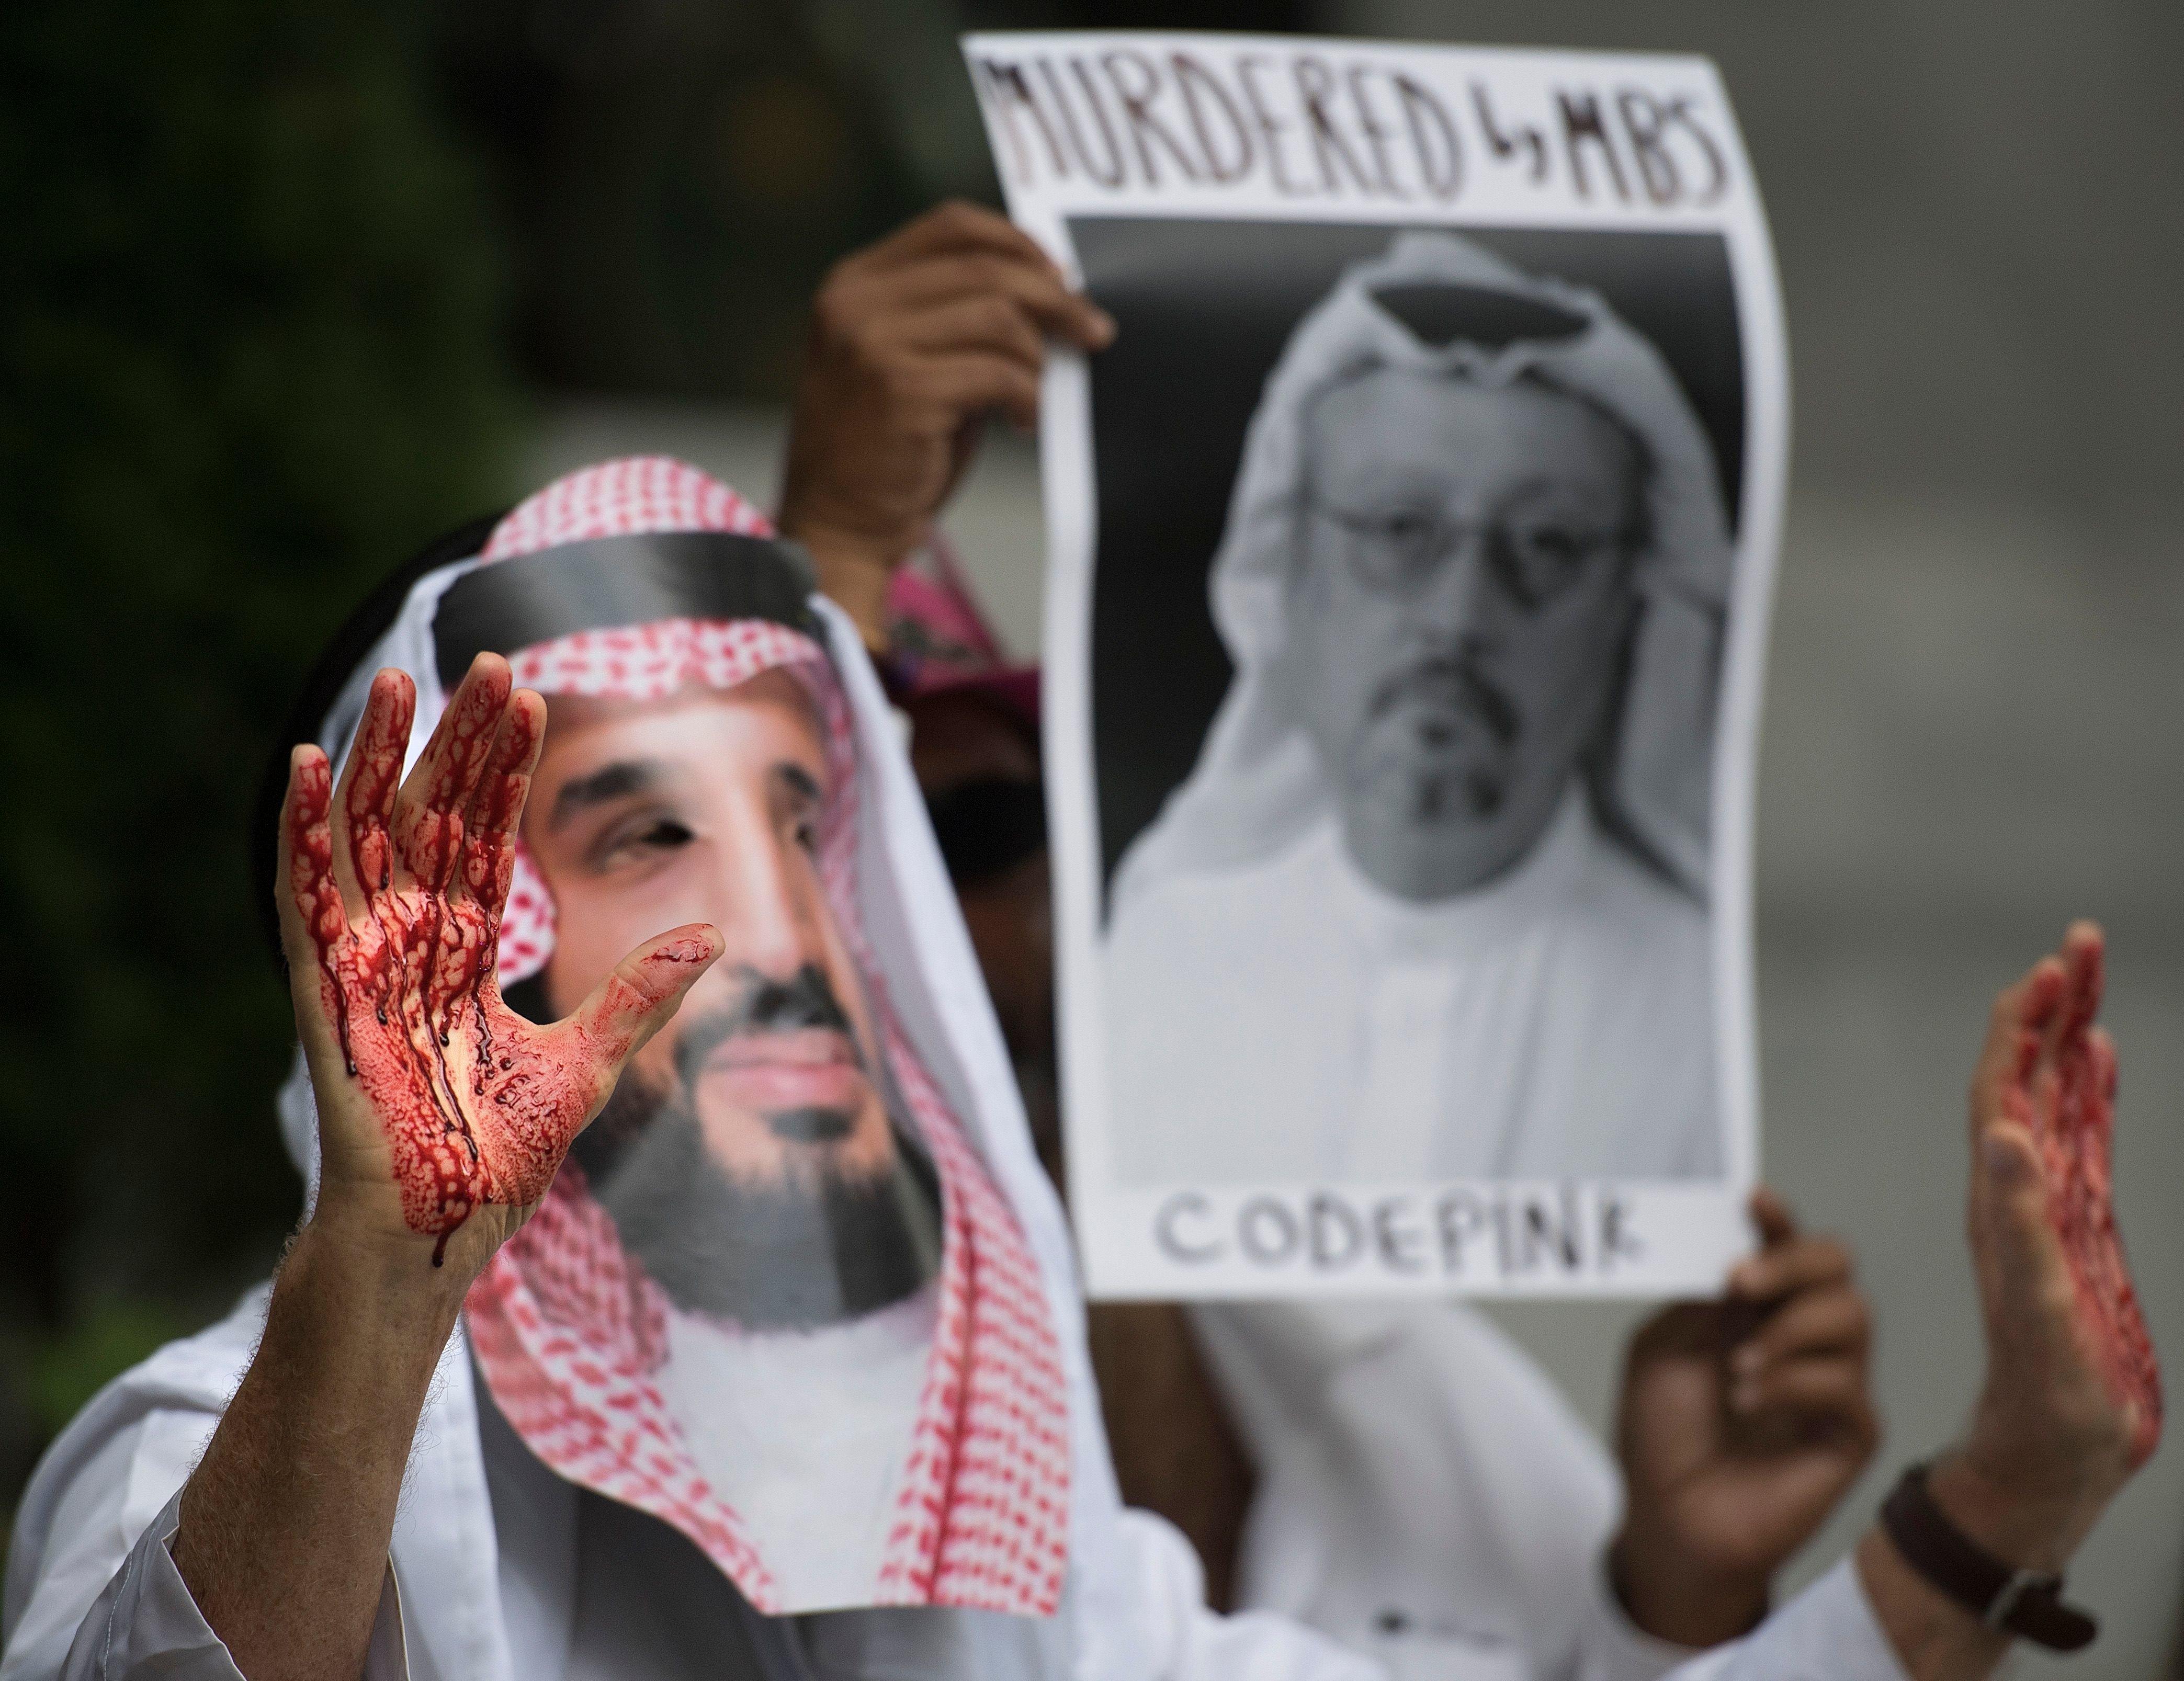 사우디 왕세자가 비판 언론인 '납치'를 지시했다는 보도가 나왔다